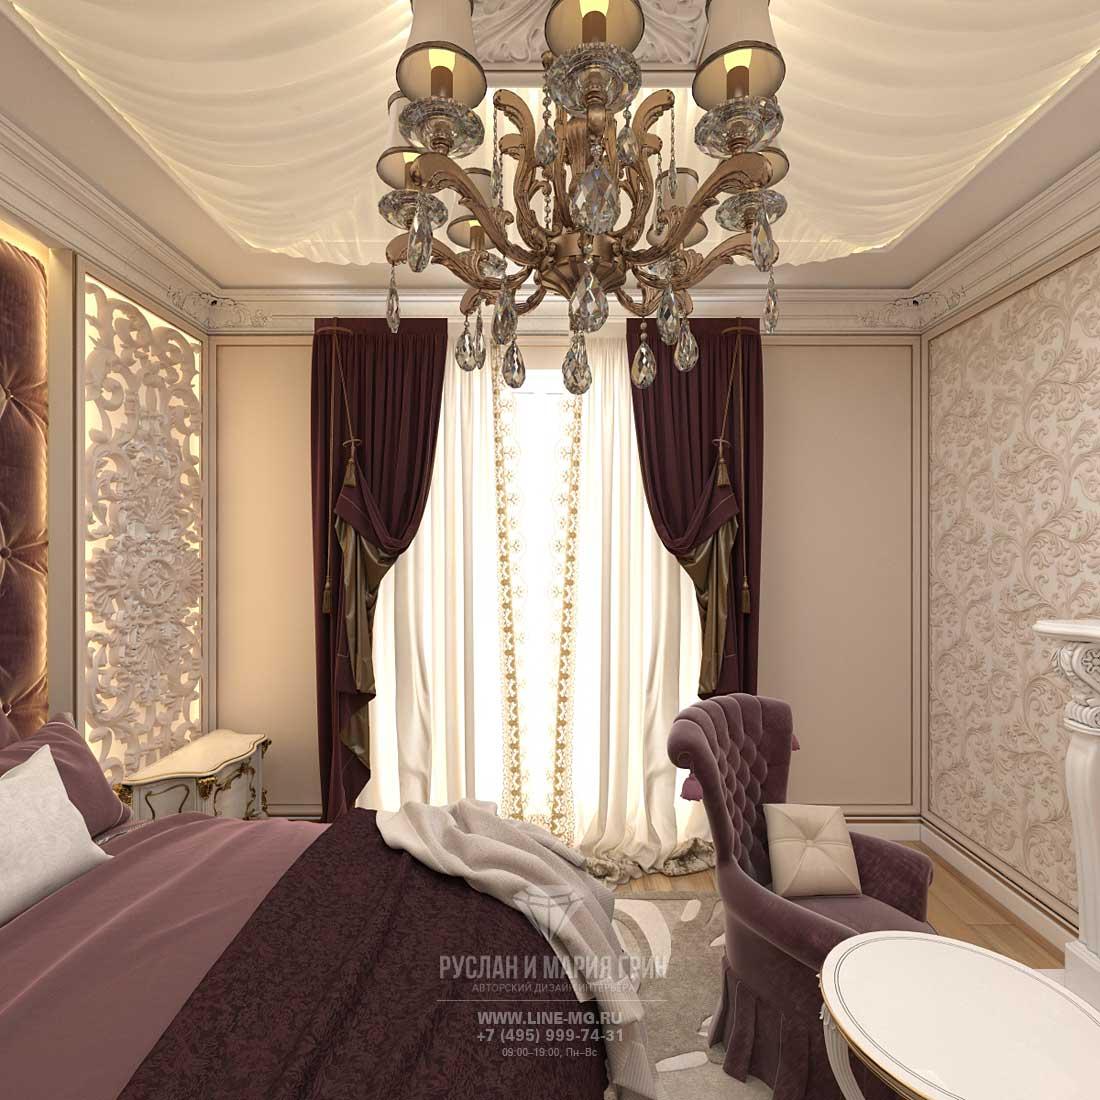 Дизайн бордовой спальни в загородном доме. Фото 2016